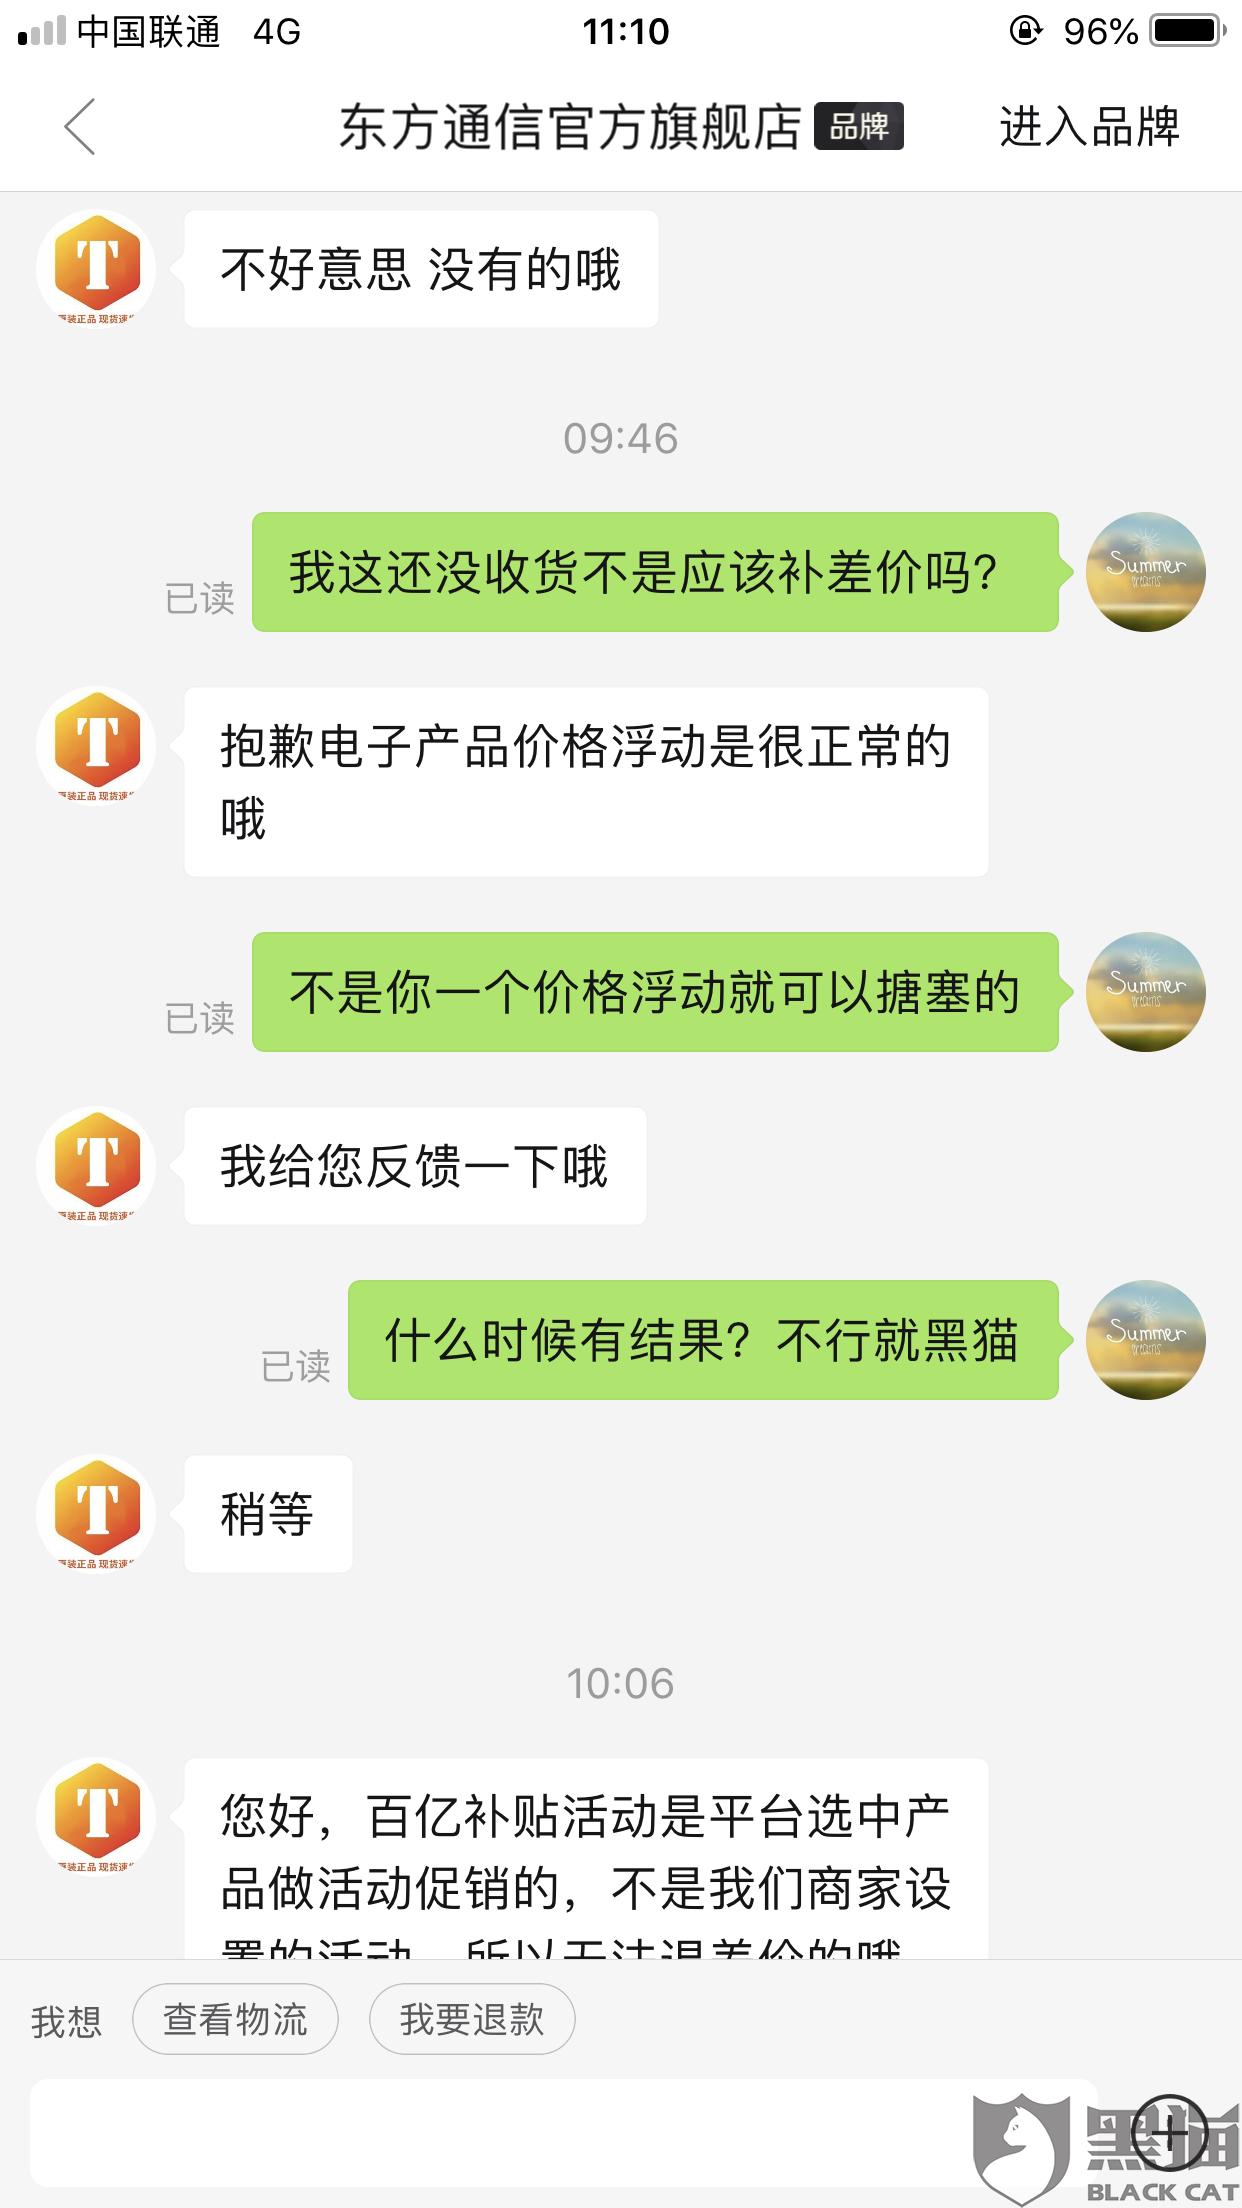 黑猫投诉:东方通信官方旗舰店的商品没收货就降价了,不退差价